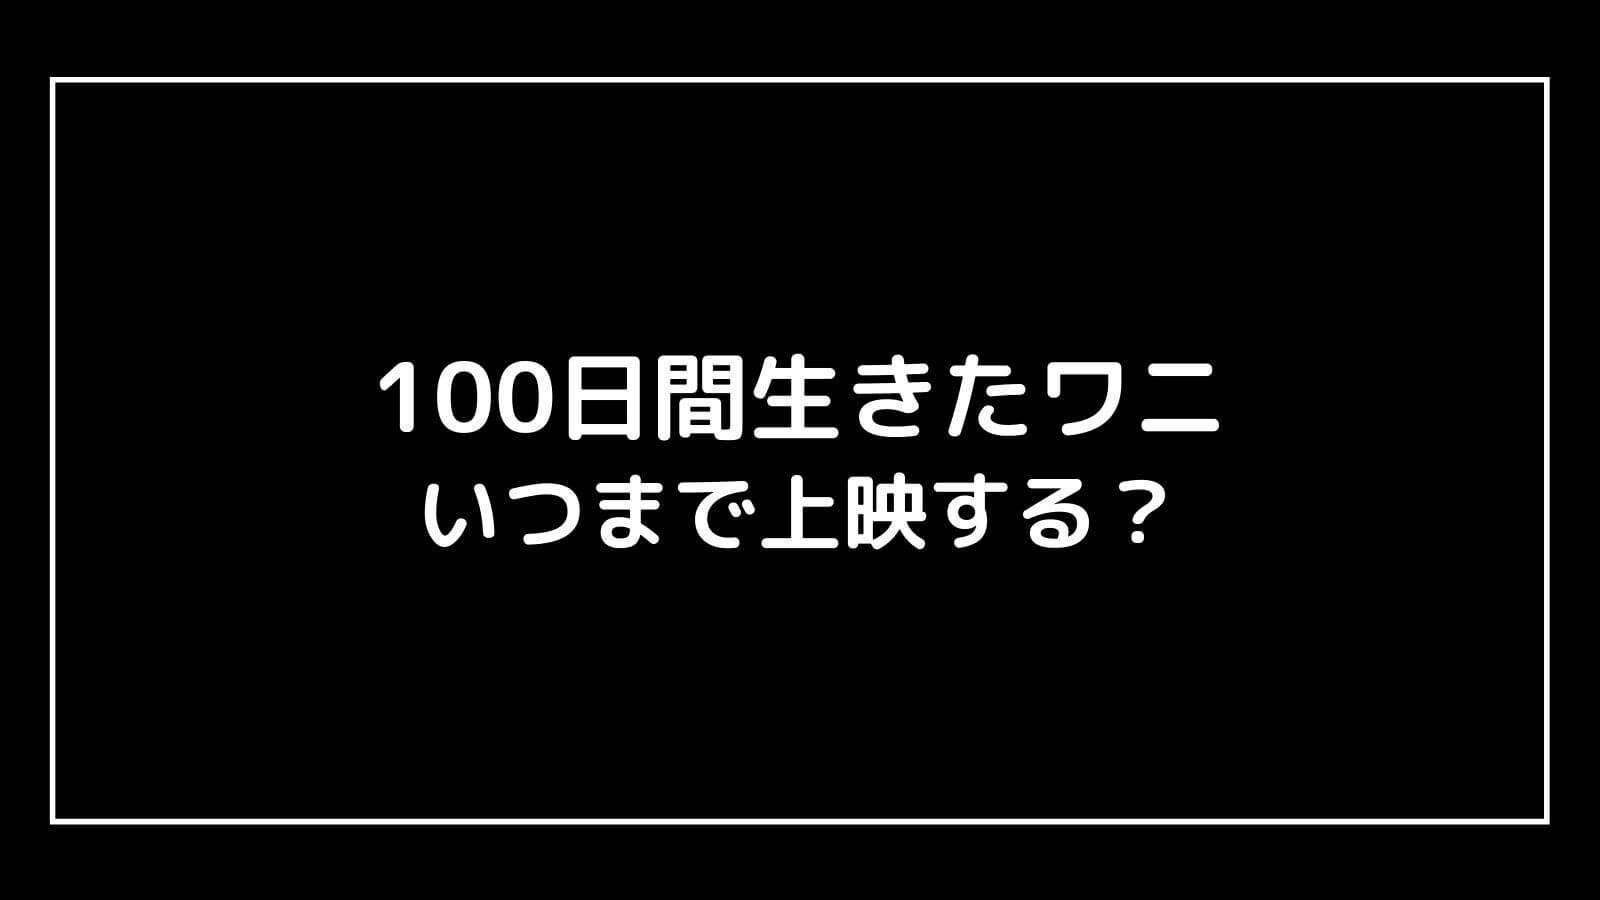 映画『100日間生きたワニ』はいつまで上映される?元映画館社員が予想【100日後に死ぬワニ】